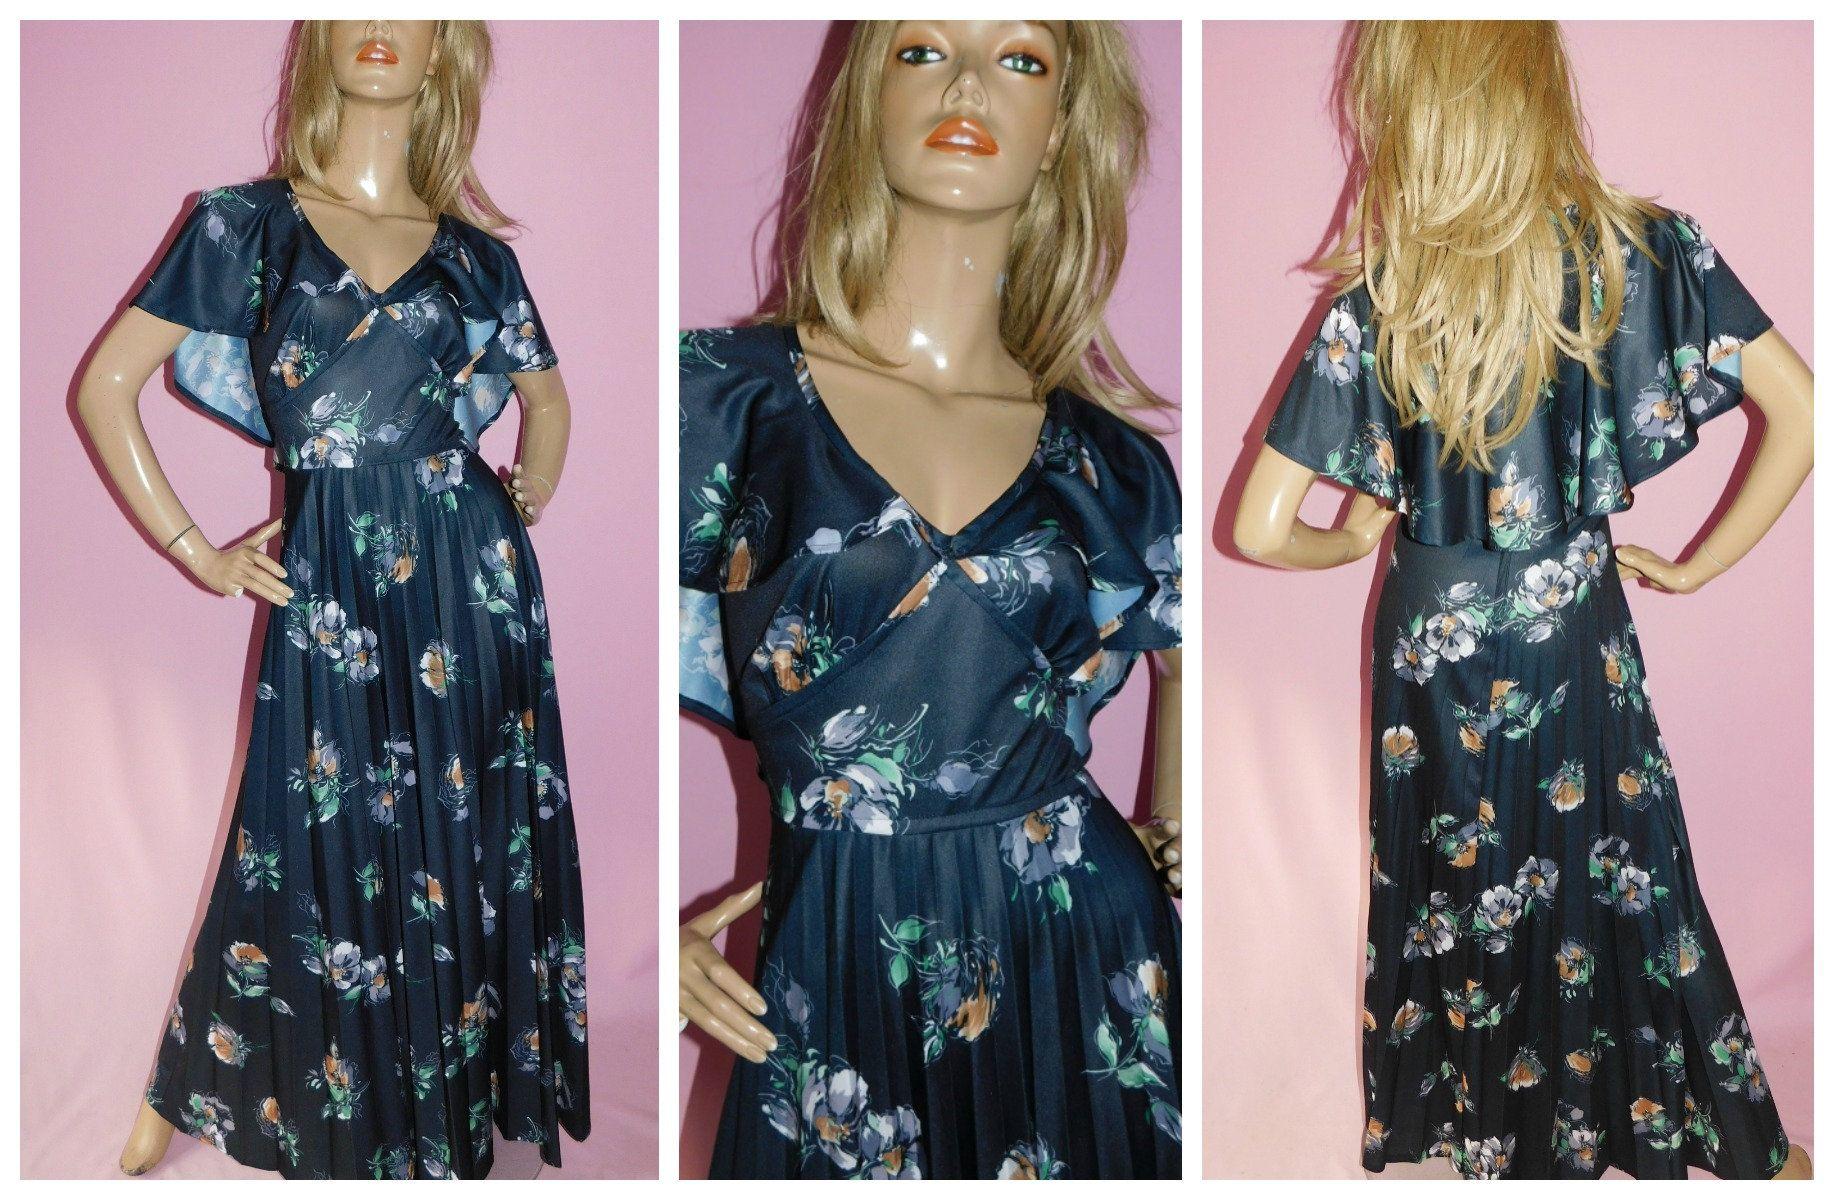 Vintage 70s Floral Print Flutter Cape Maxi Dress 16 18 L 1970s Etsy Maxi Dress Dress 16 Floral Print Maxi Dress [ 1200 x 1834 Pixel ]